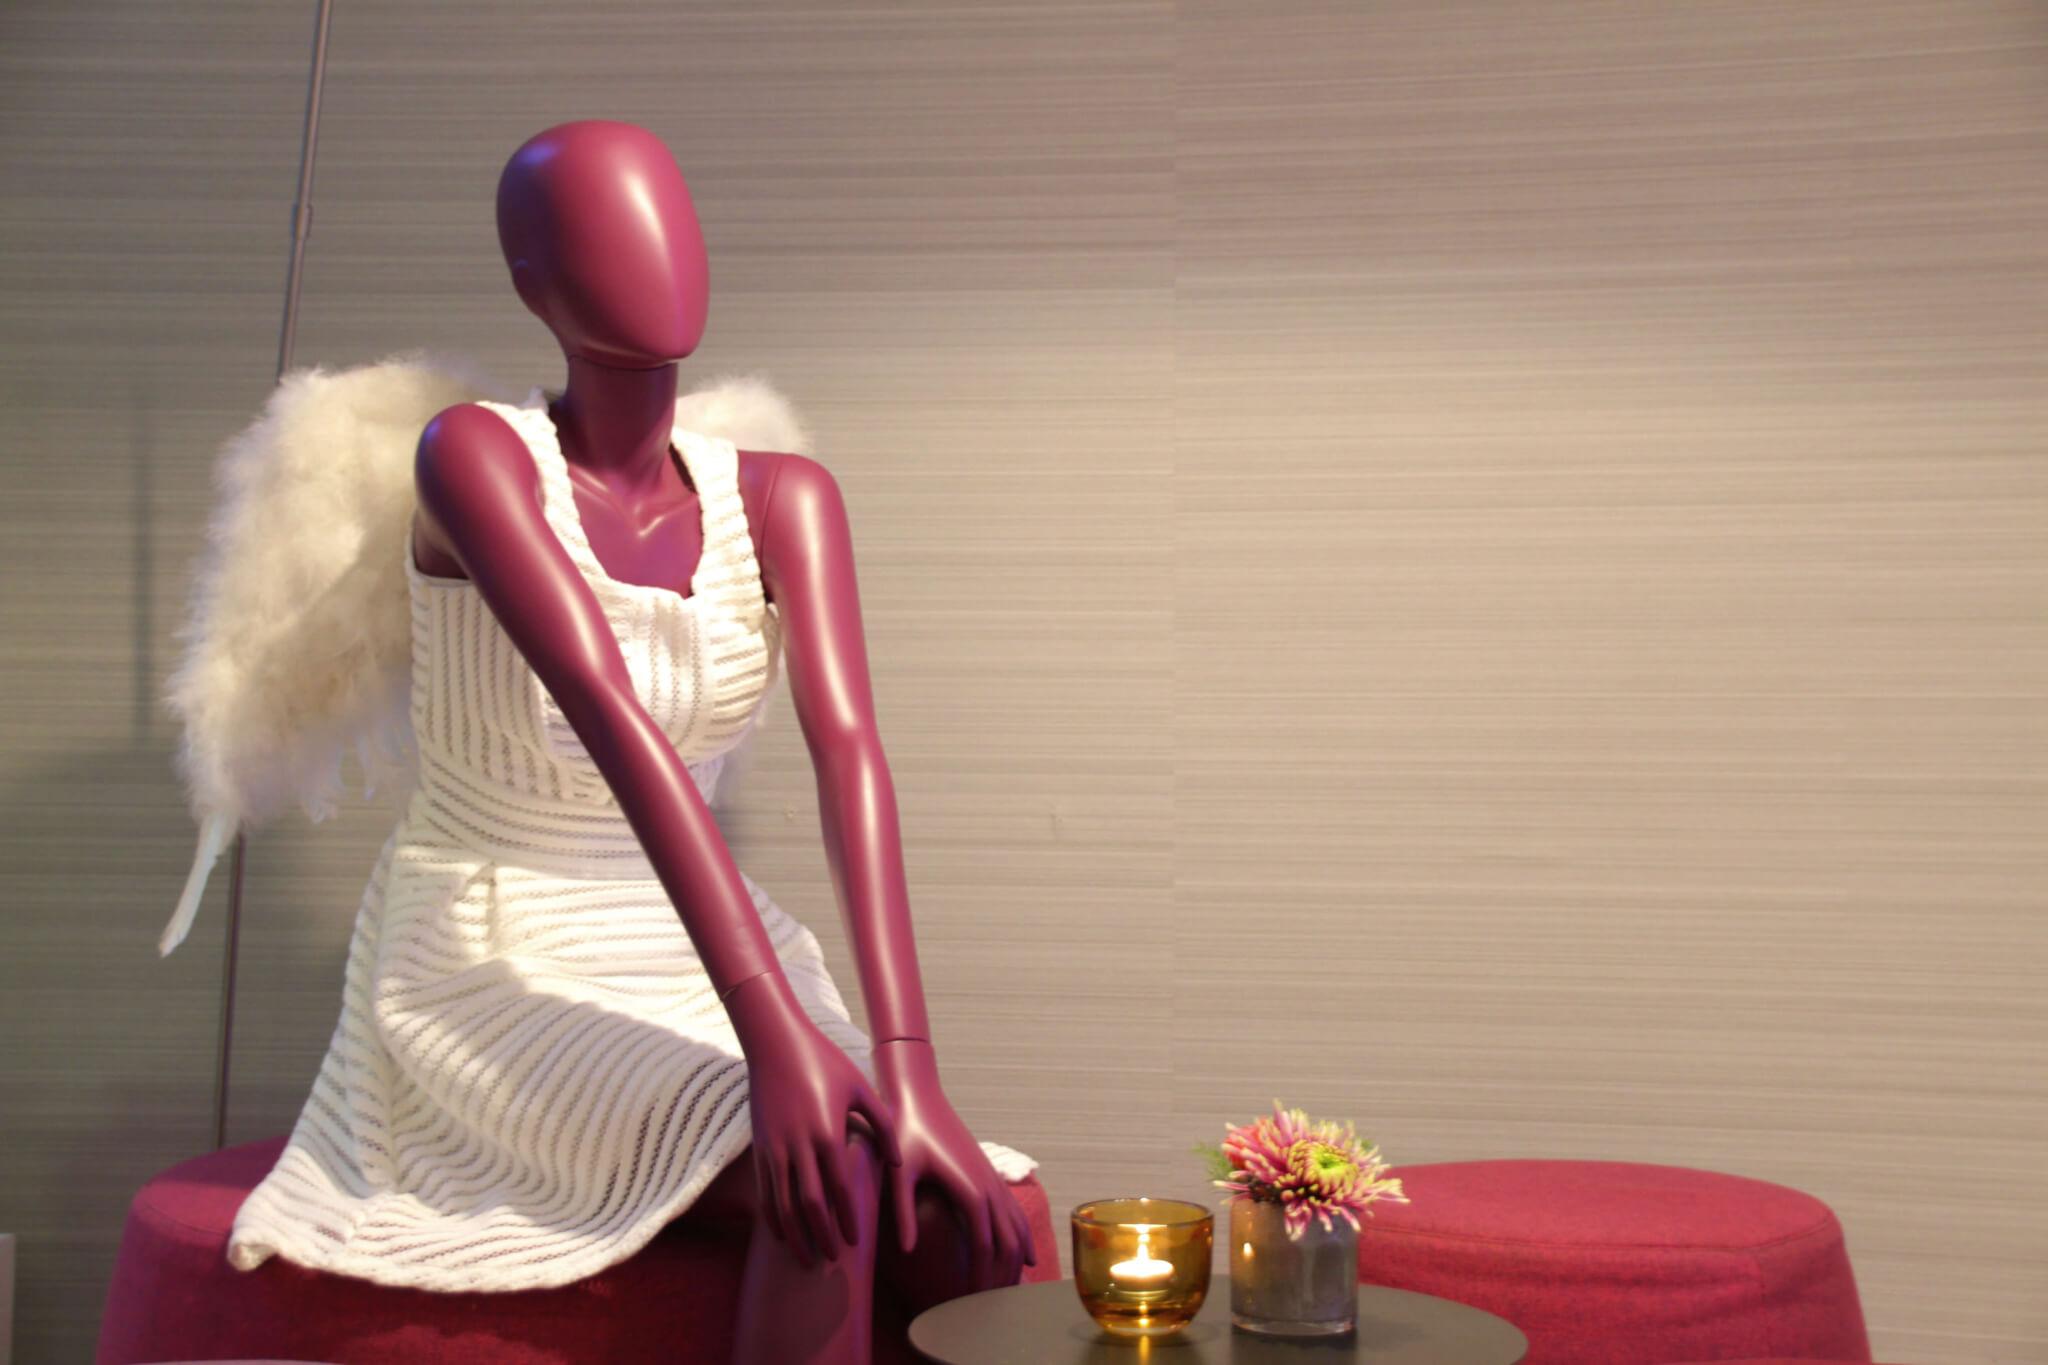 Pinke Schaufenster-Puppe Engel-Kostüm